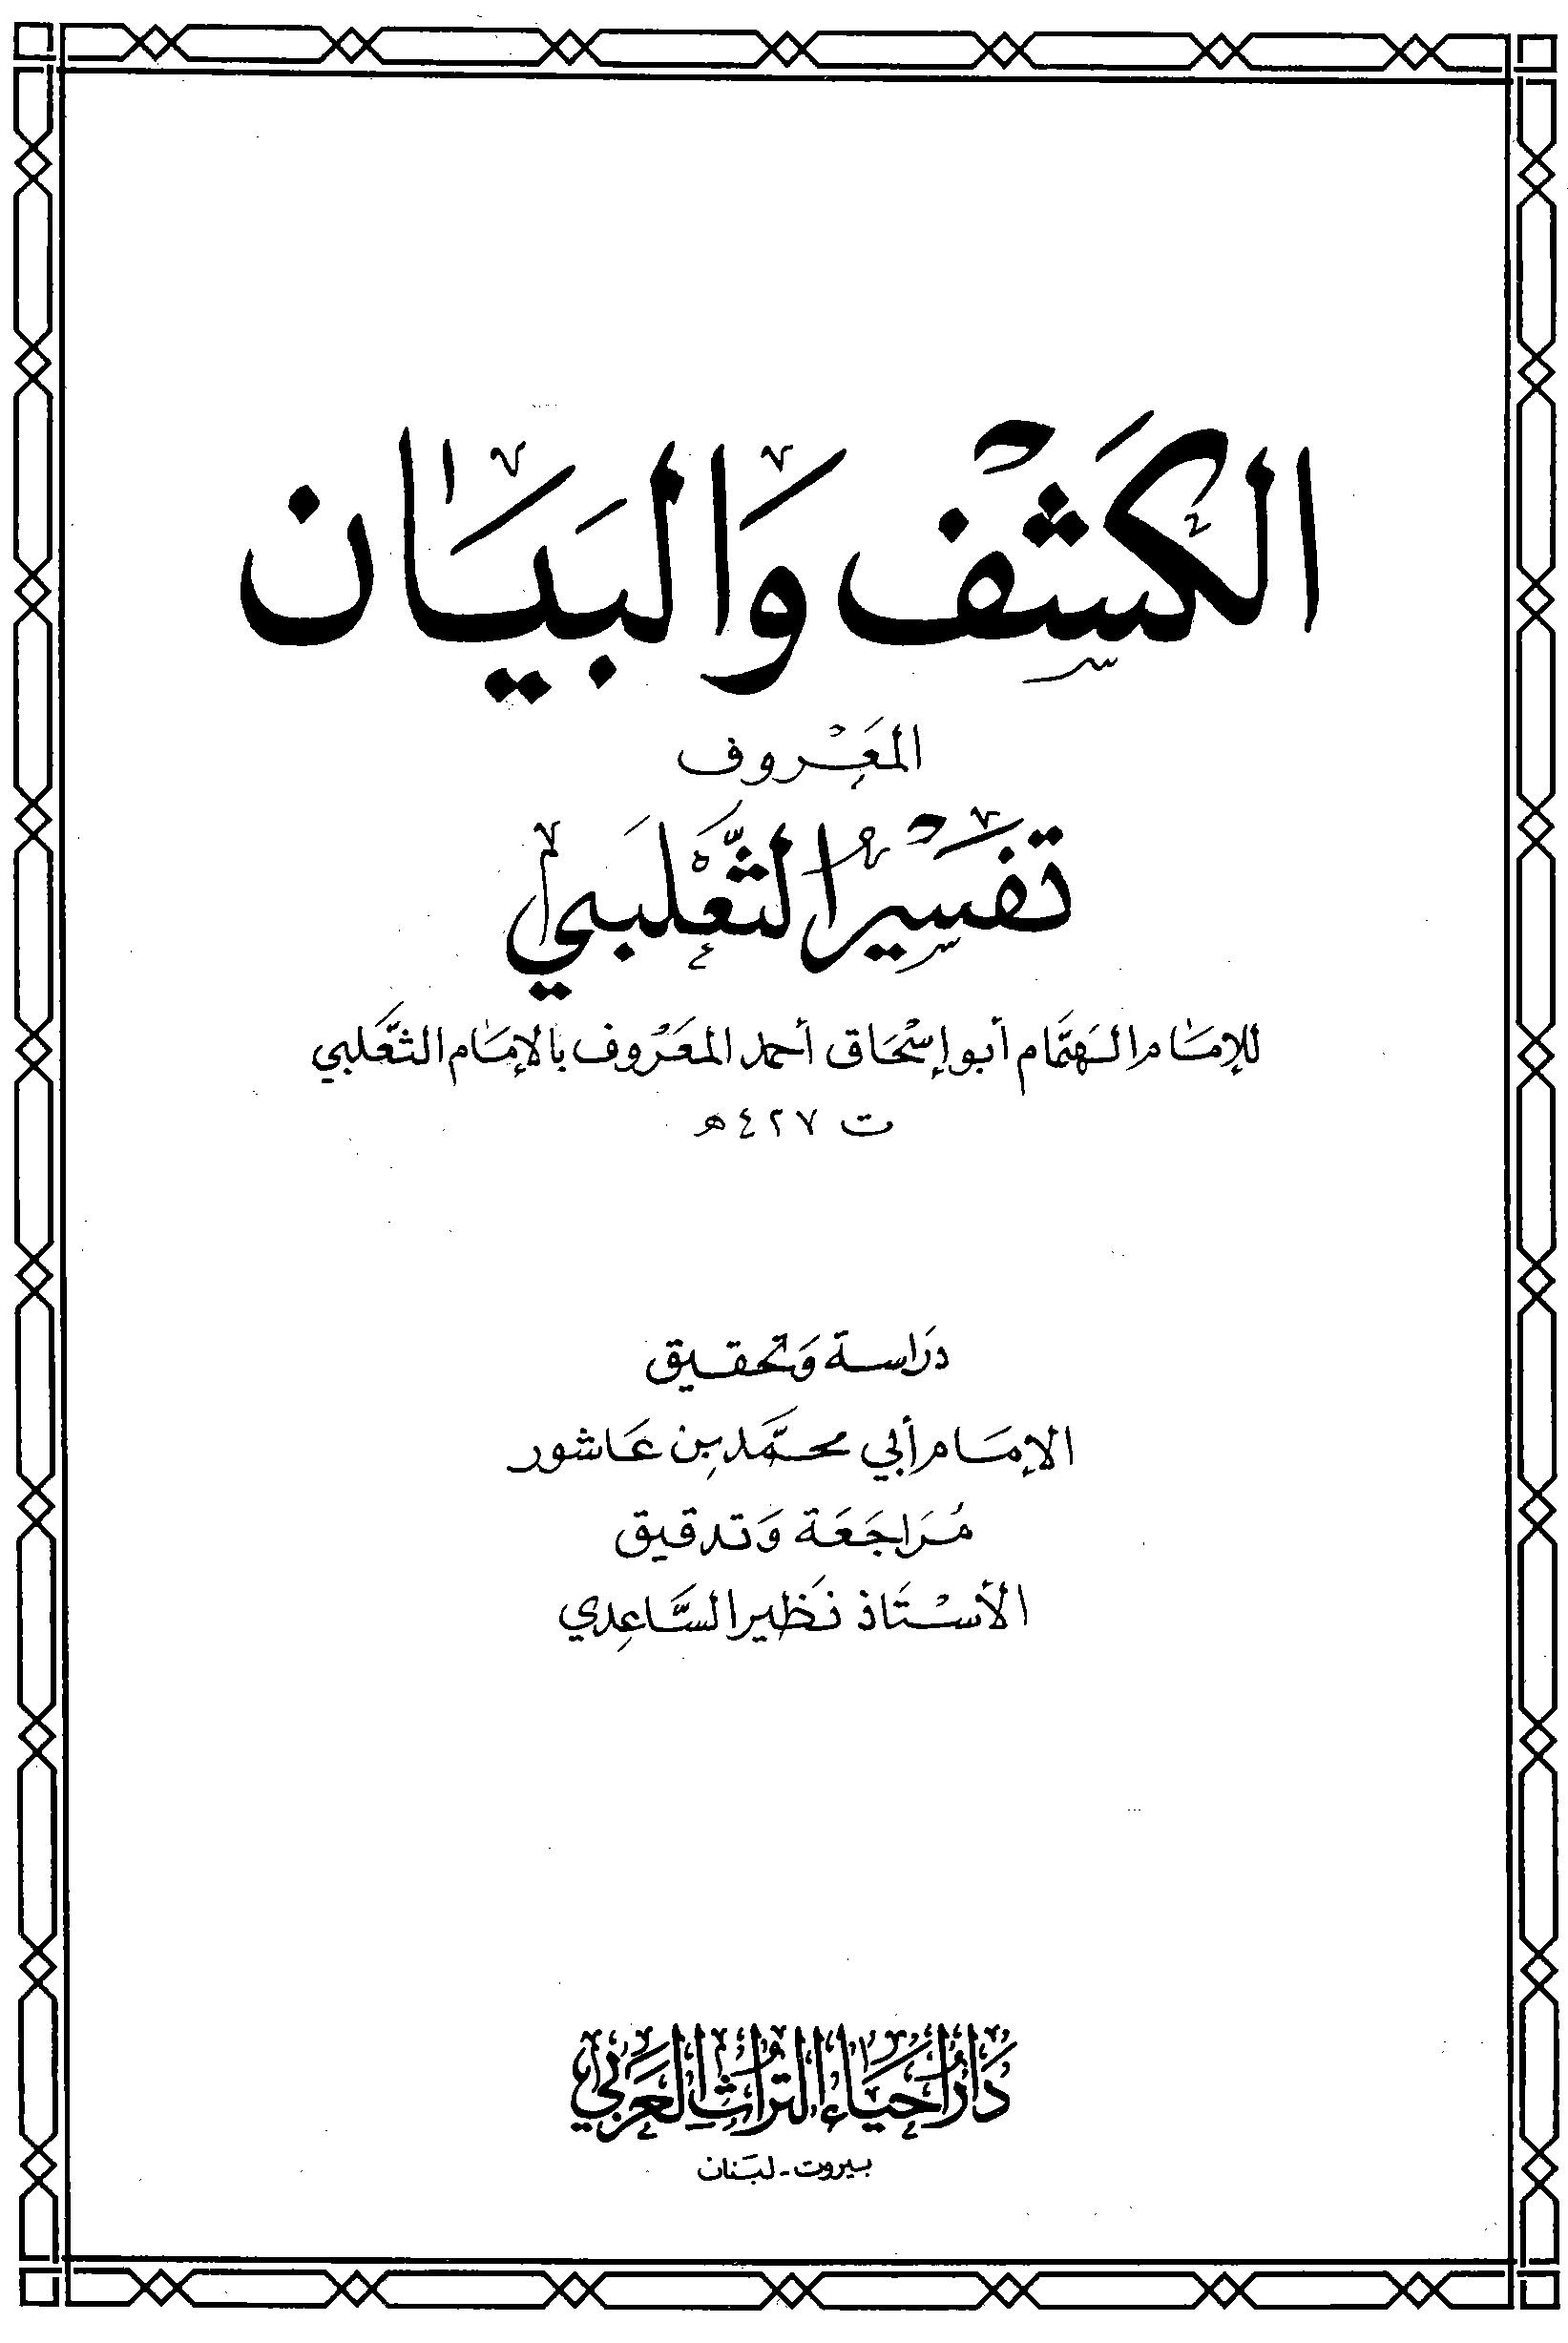 ثعلبى (ابو اسحاق احمد بن ابراهيم ثعلبى نيشابورى) صاحب تفسير الکشف و البيان ثعلبى